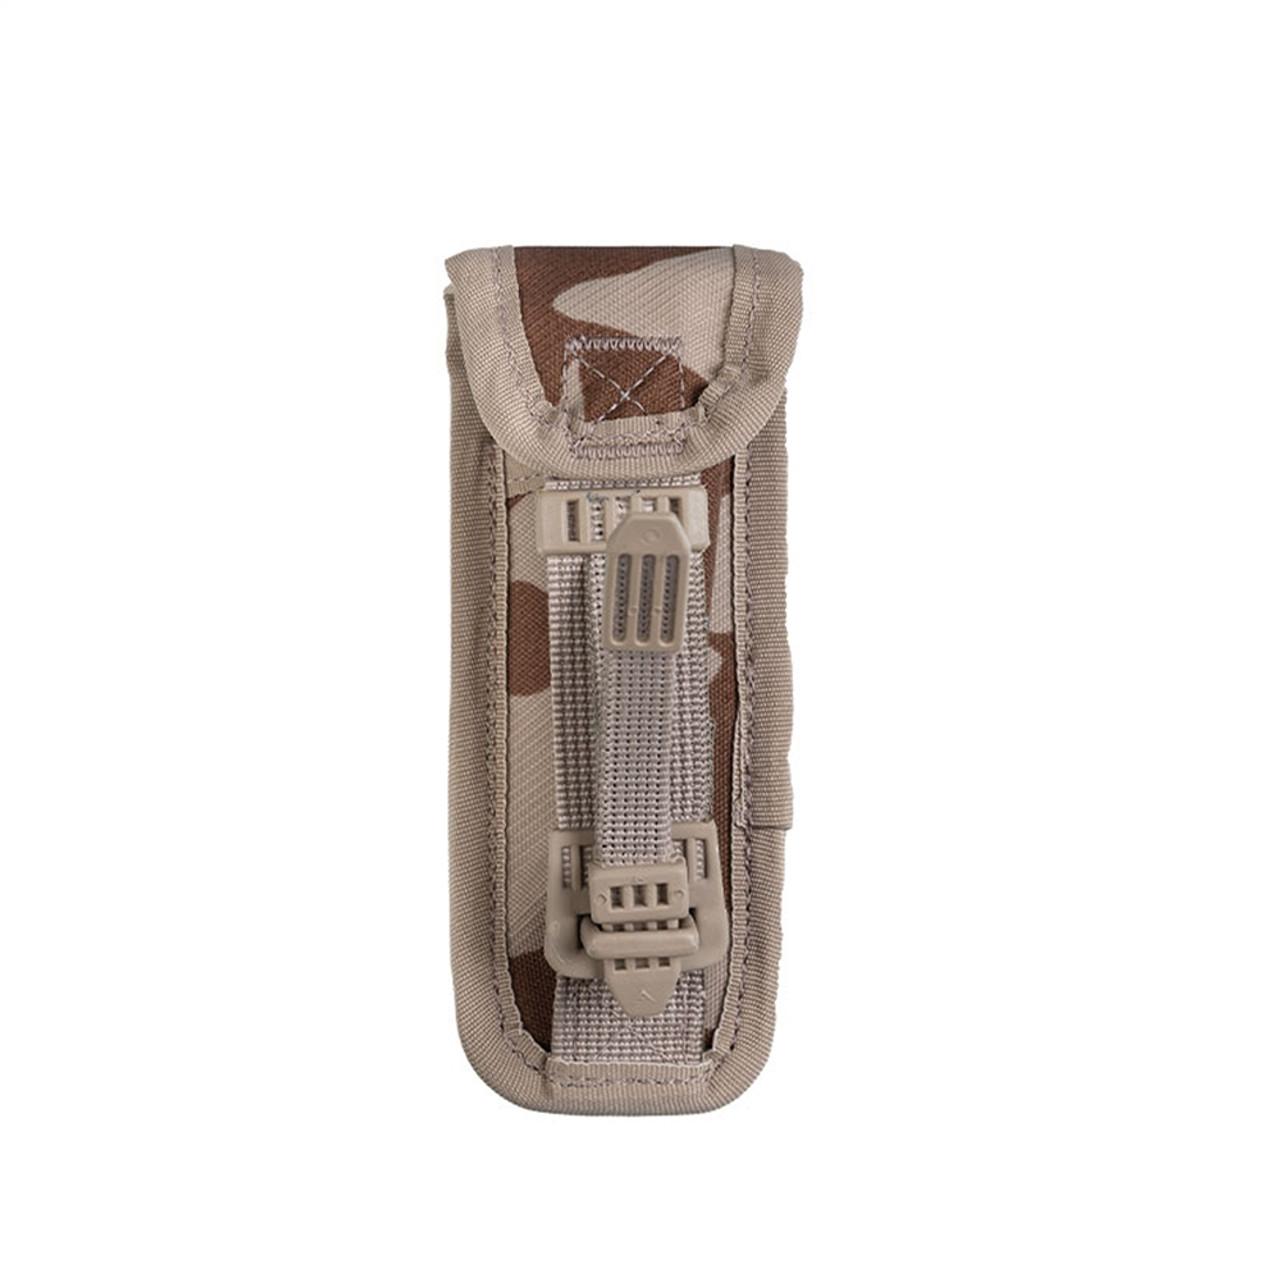 Czech Desert Camo Small Knife Pouch - Like New